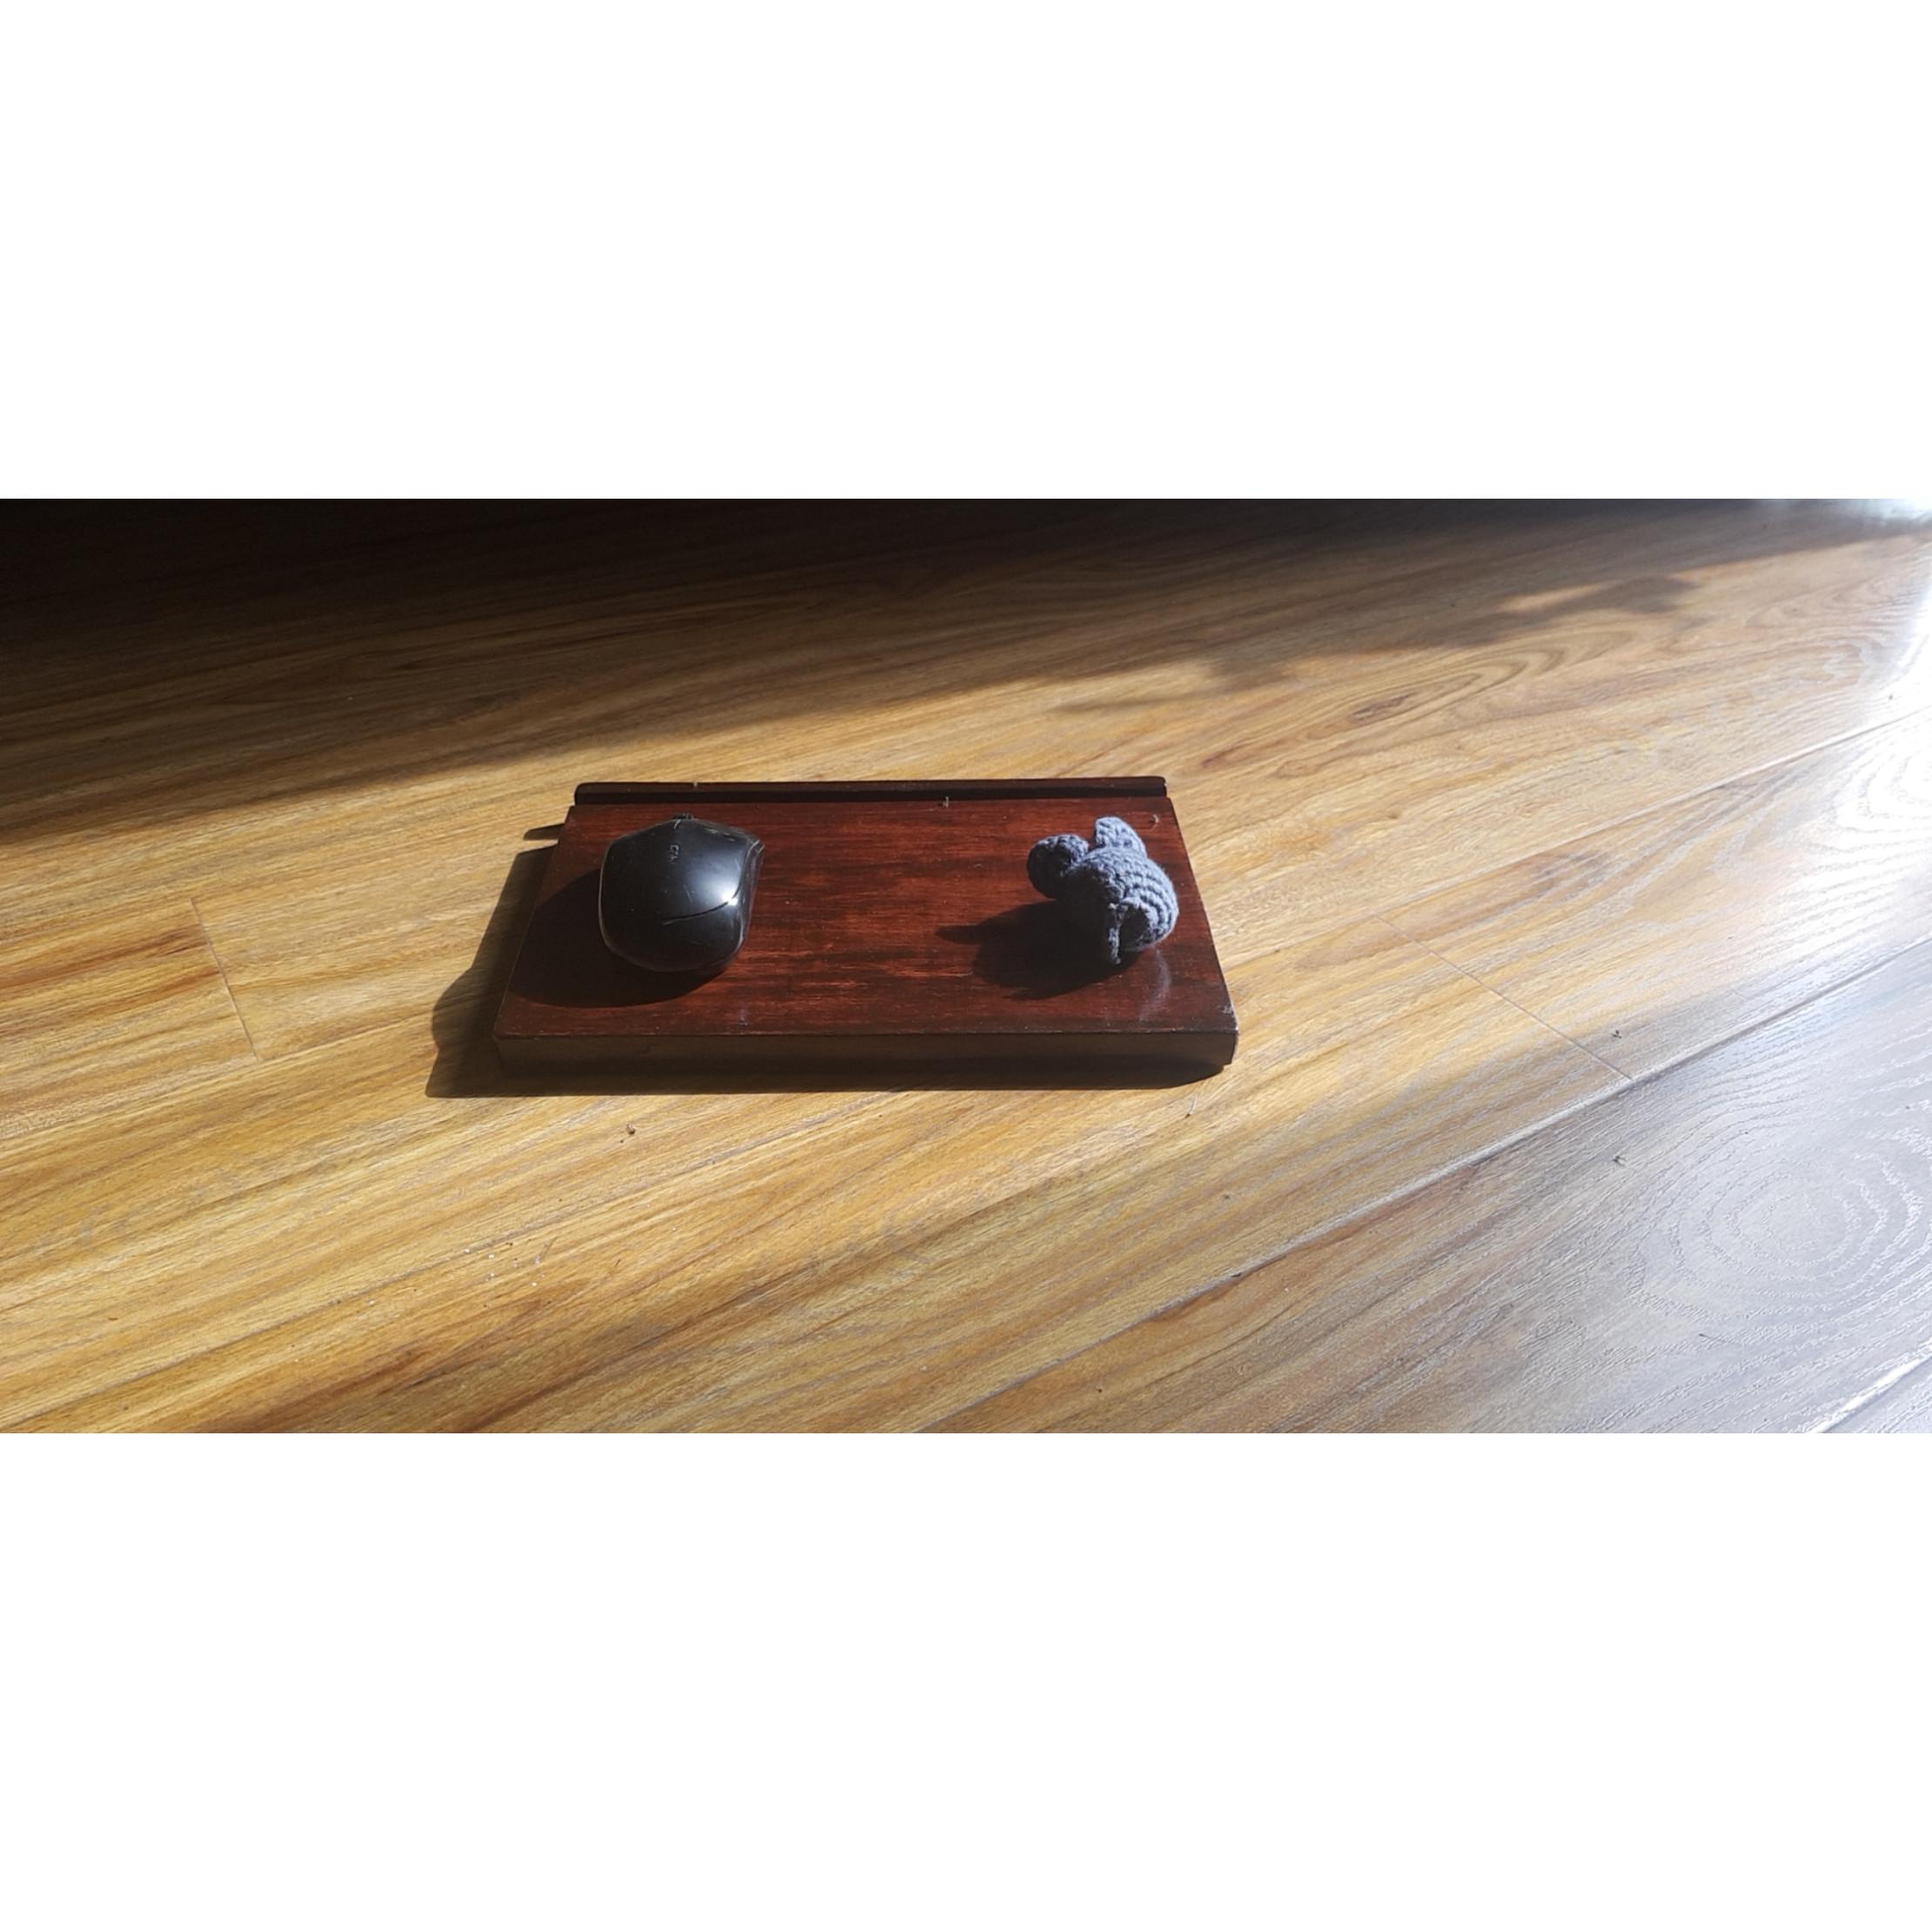 Lót chuột gỗ kết hợp đế ipad